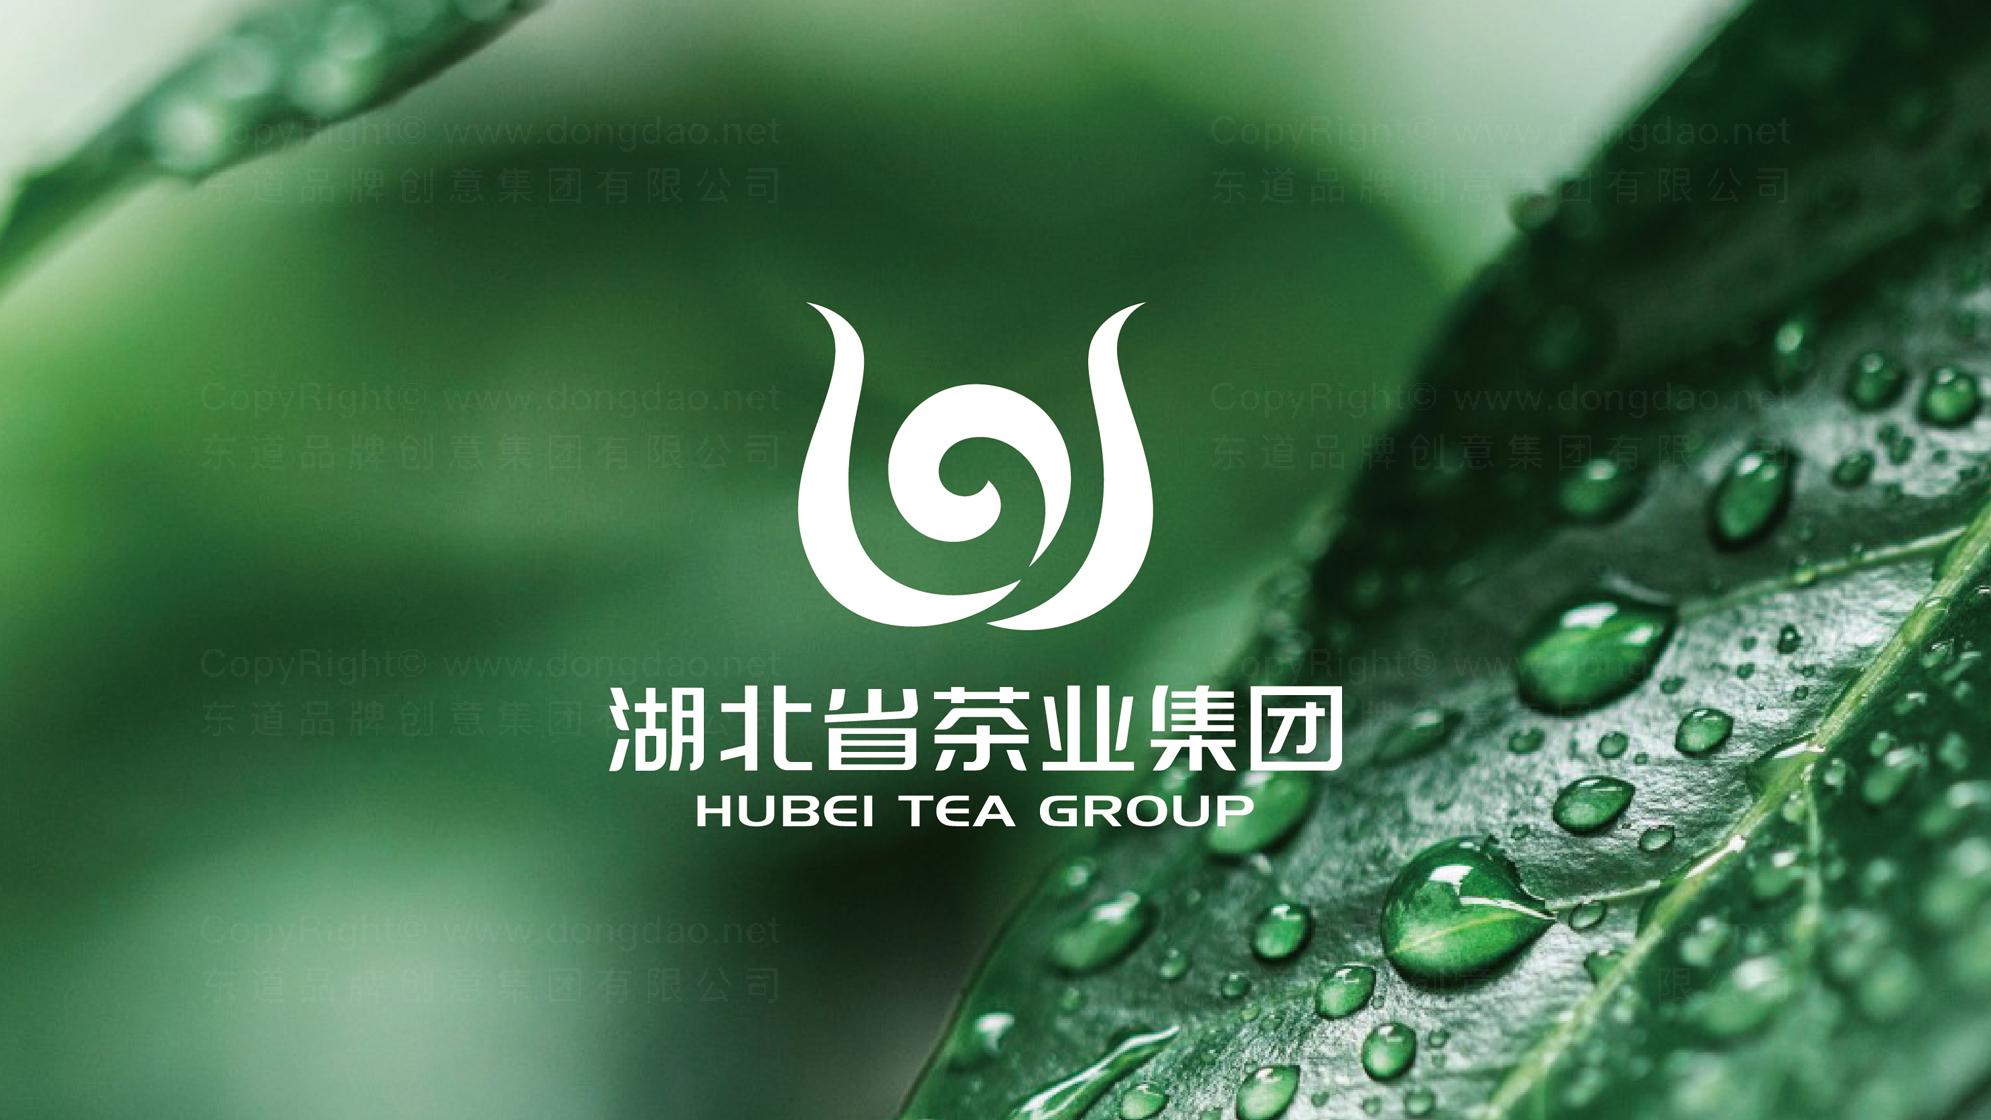 品牌设计案例湖北茶业logo设计、vi设计